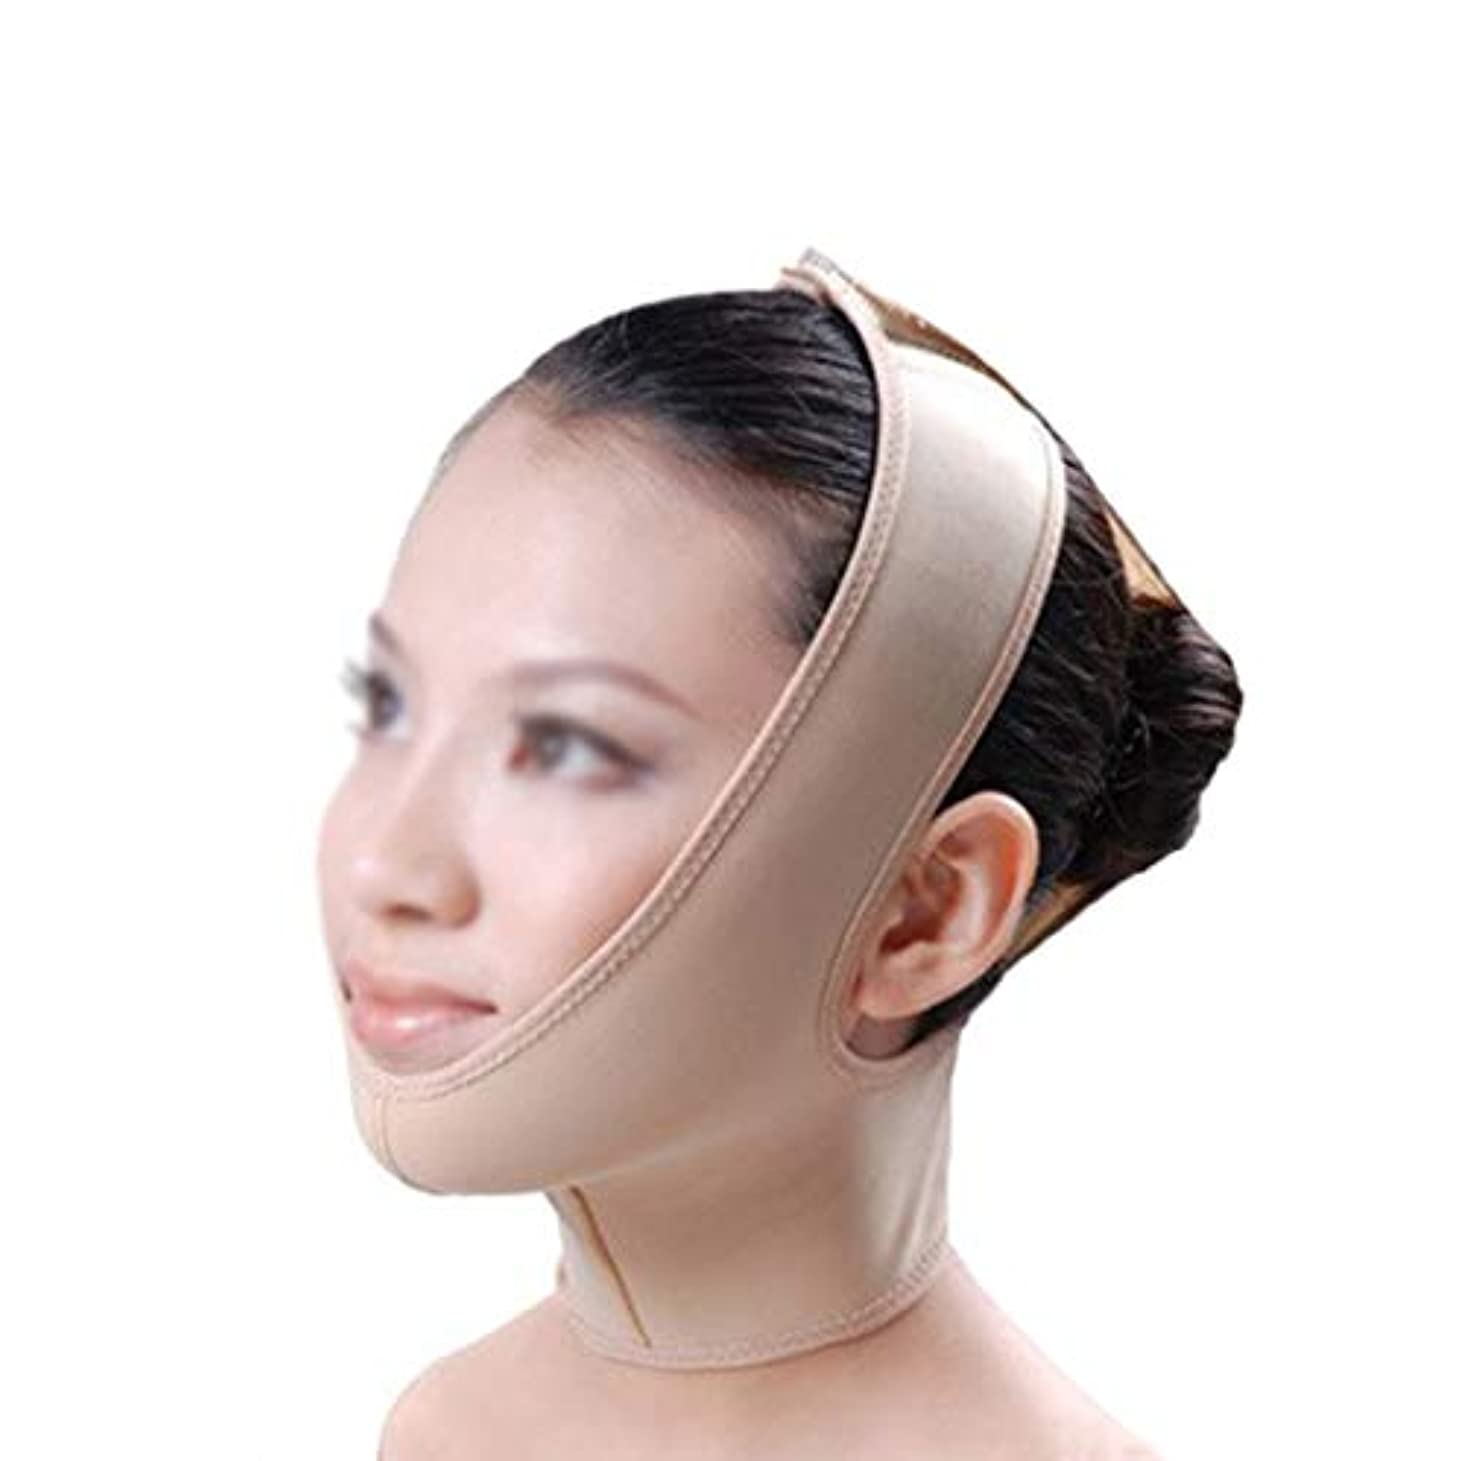 ピークバイオリン先史時代のダブルチンストラップ、包帯リフト、引き締めフェイシャルリフト、フェイシャル減量マスク、リフティングスキン包帯,男性と女性の両方が使用できます (Size : M)